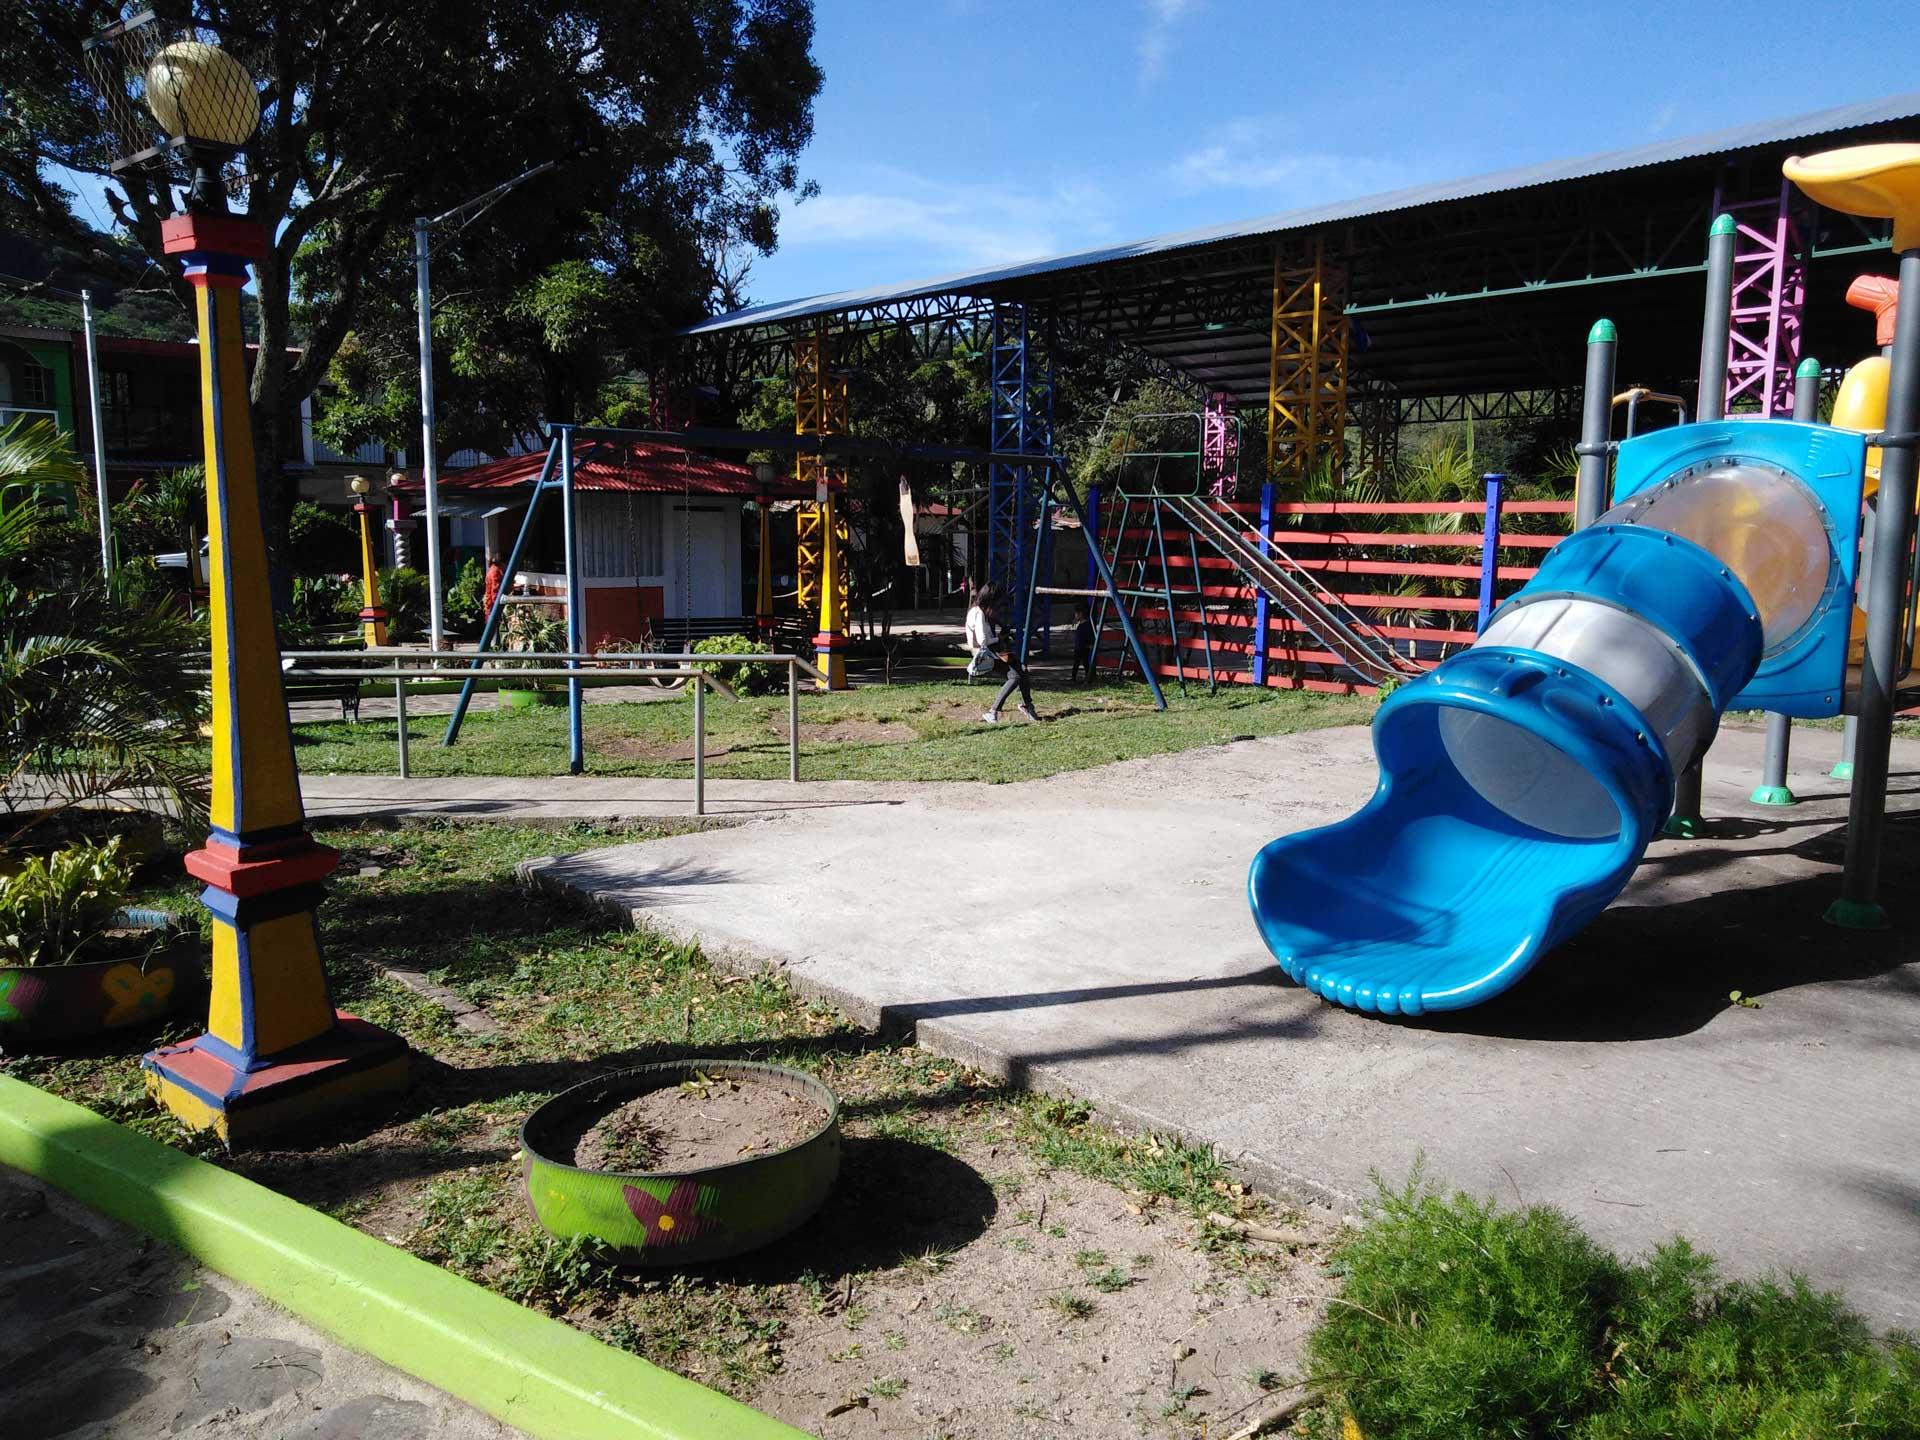 El parque municipal de San Nicolás.